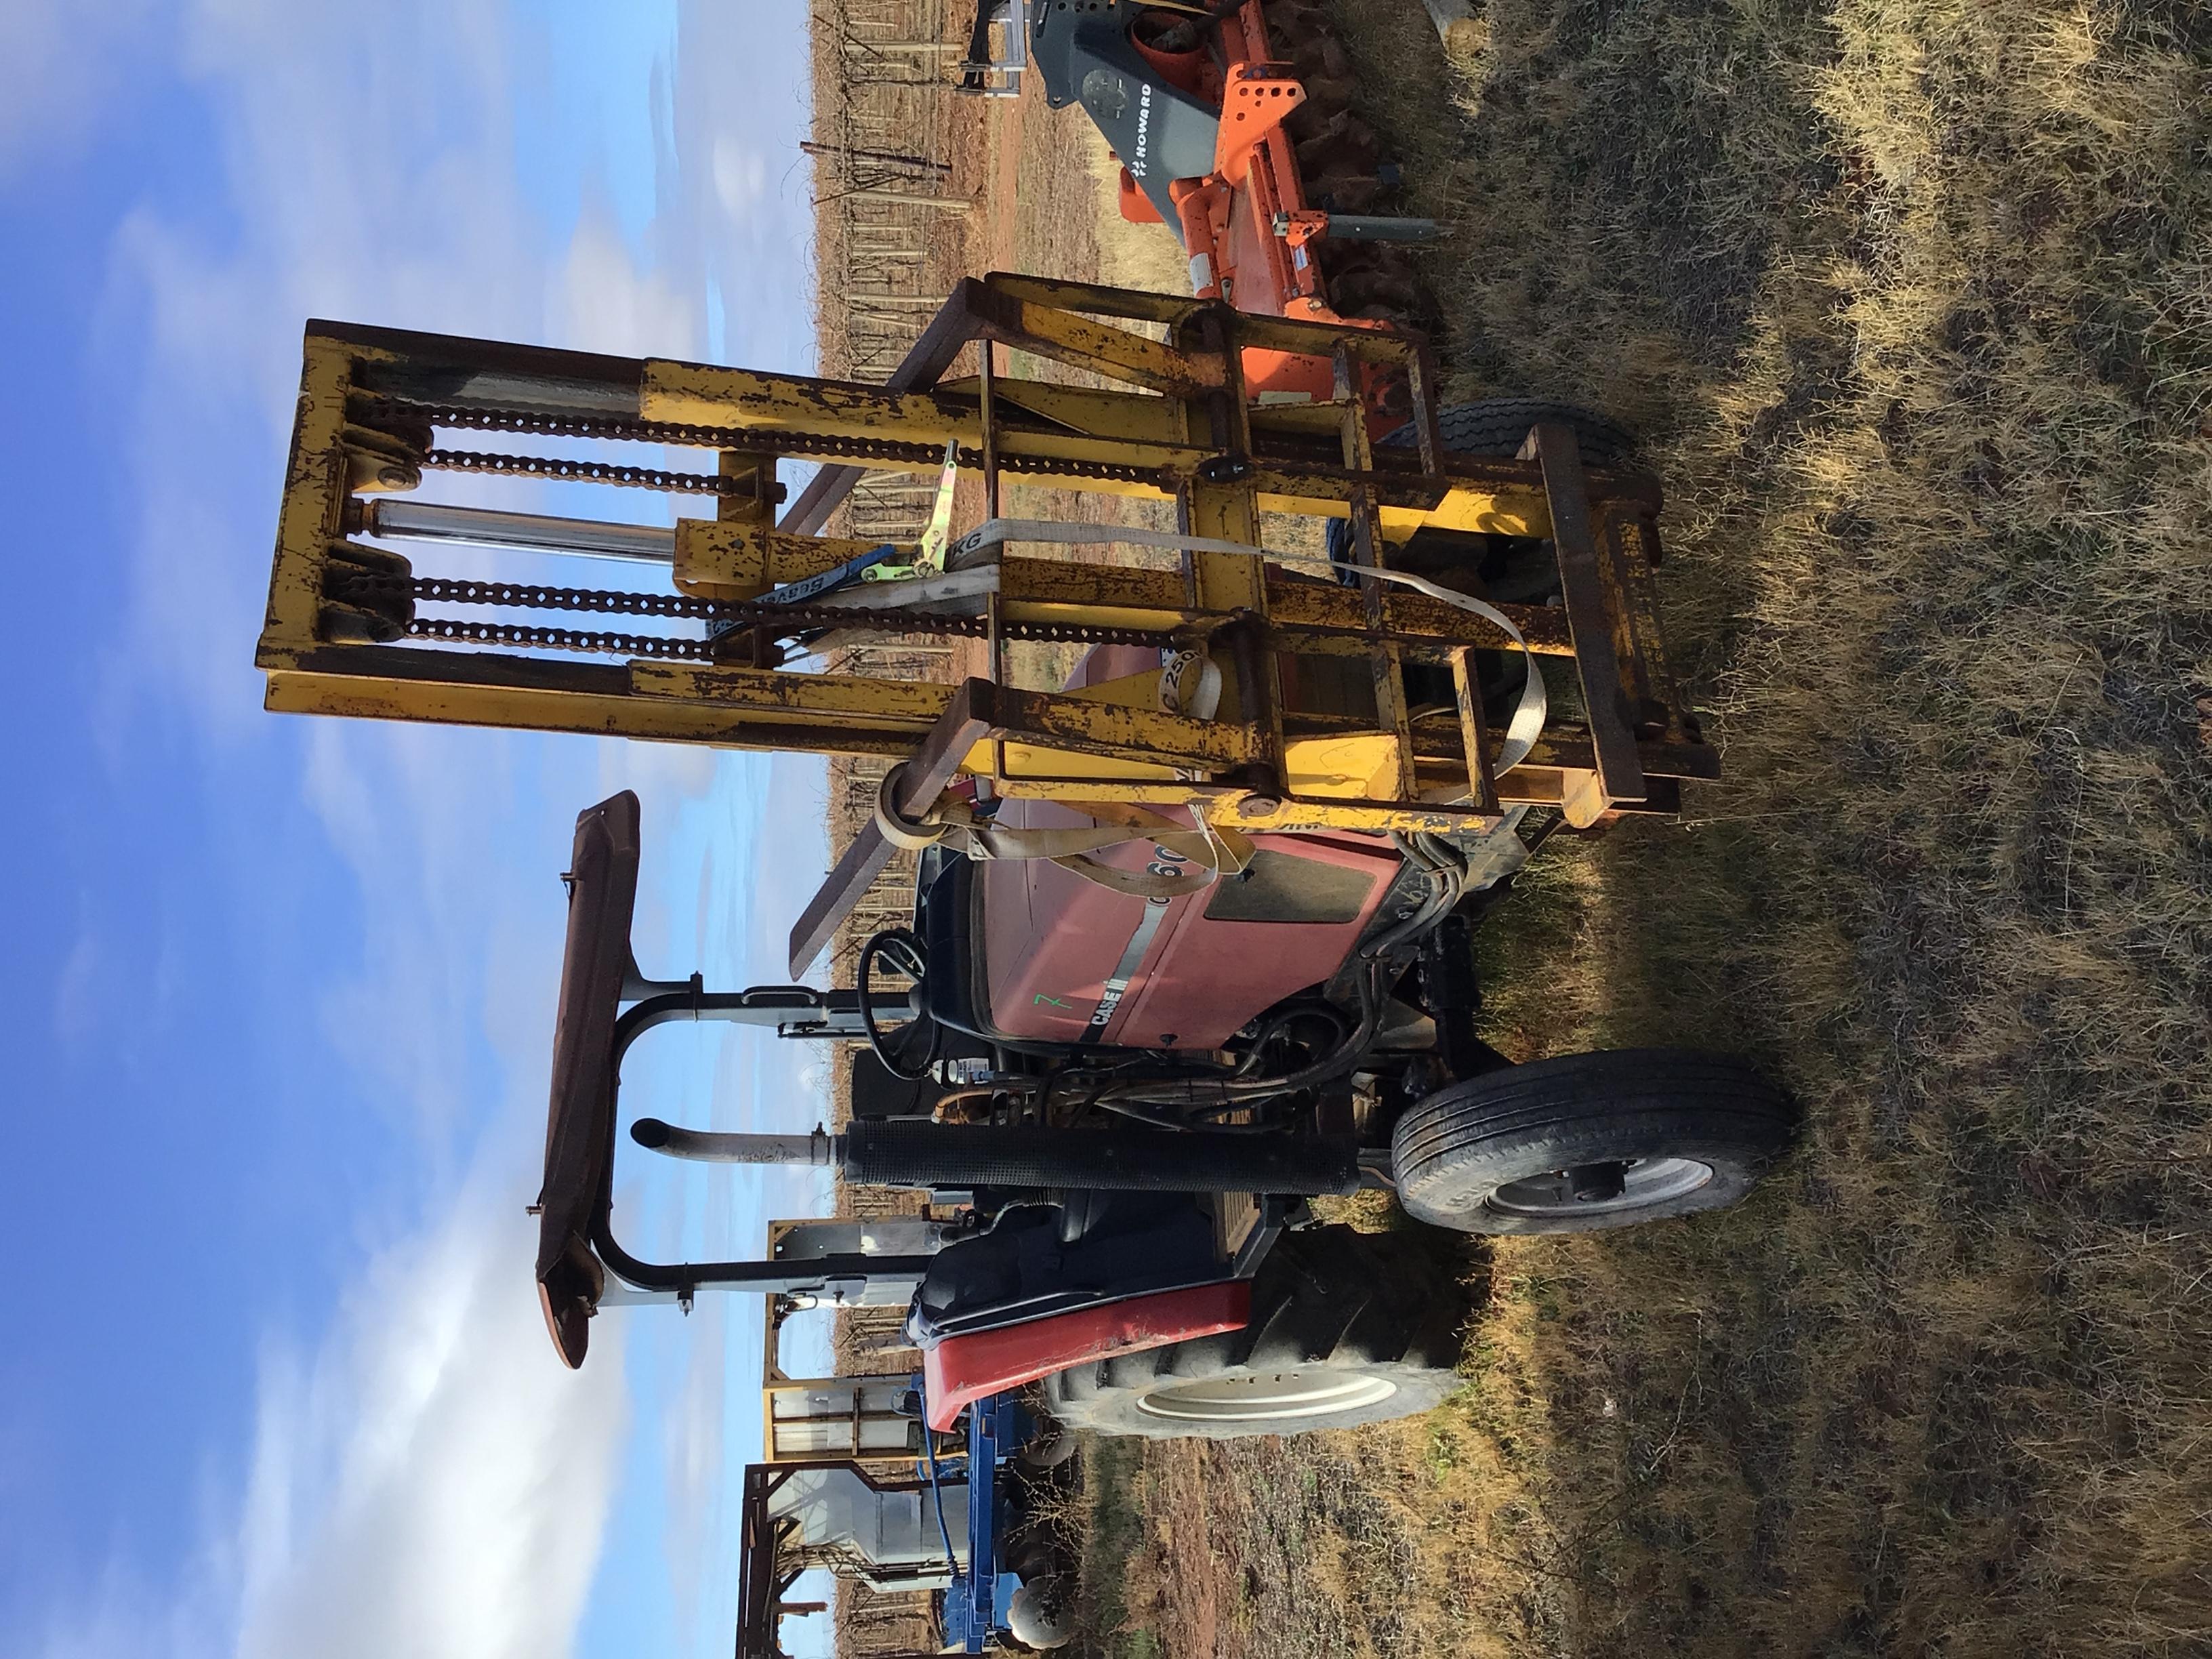 Case CX60 Tractor